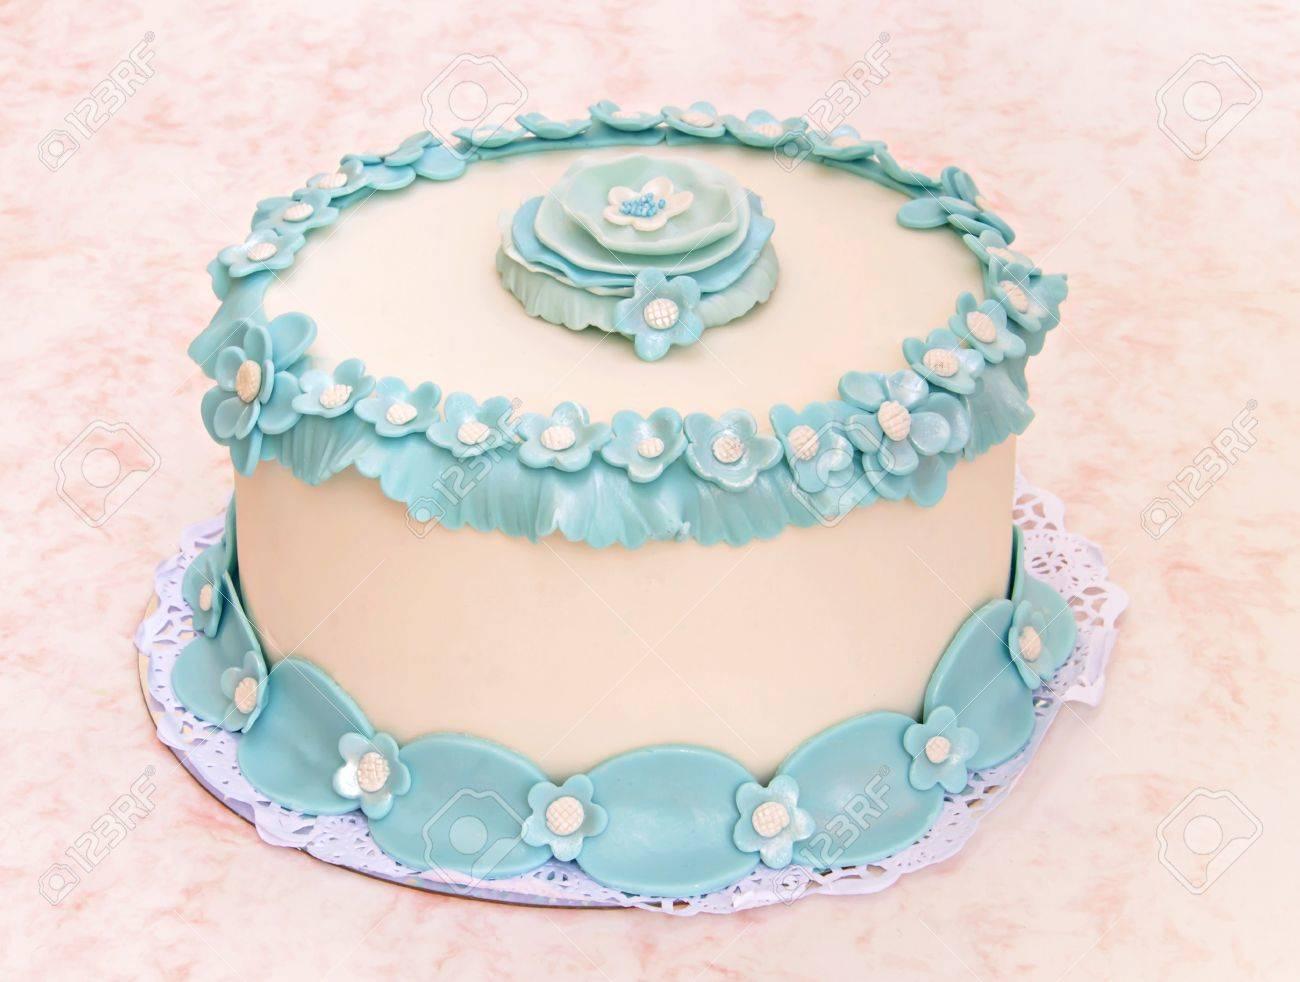 Hochzeitstorte Mit Fondant Blauen Blumen Geschmuckt Lizenzfreie